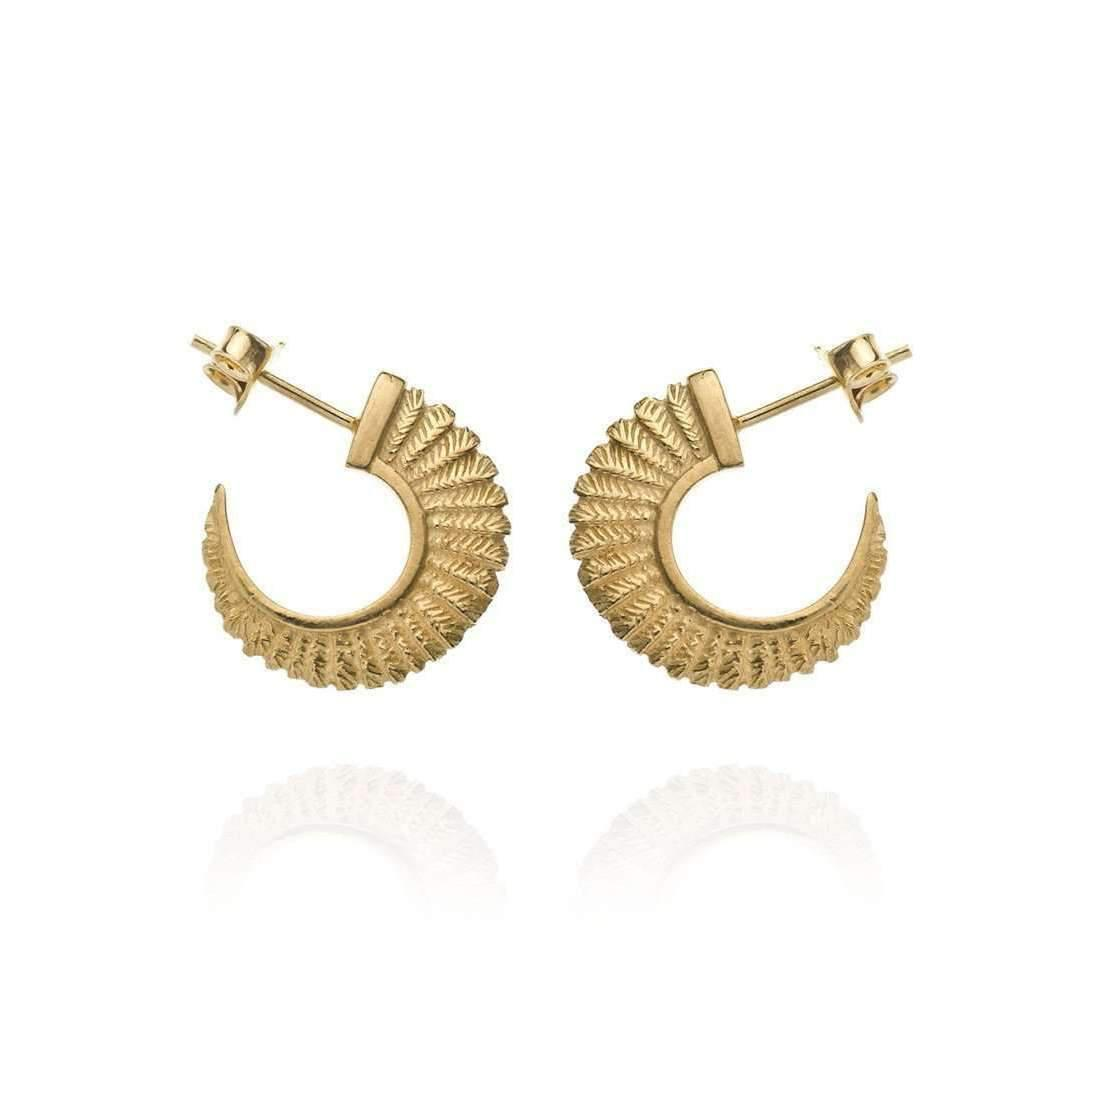 Patience Jewellery Bell Small Earrings VM V4Dlyue1